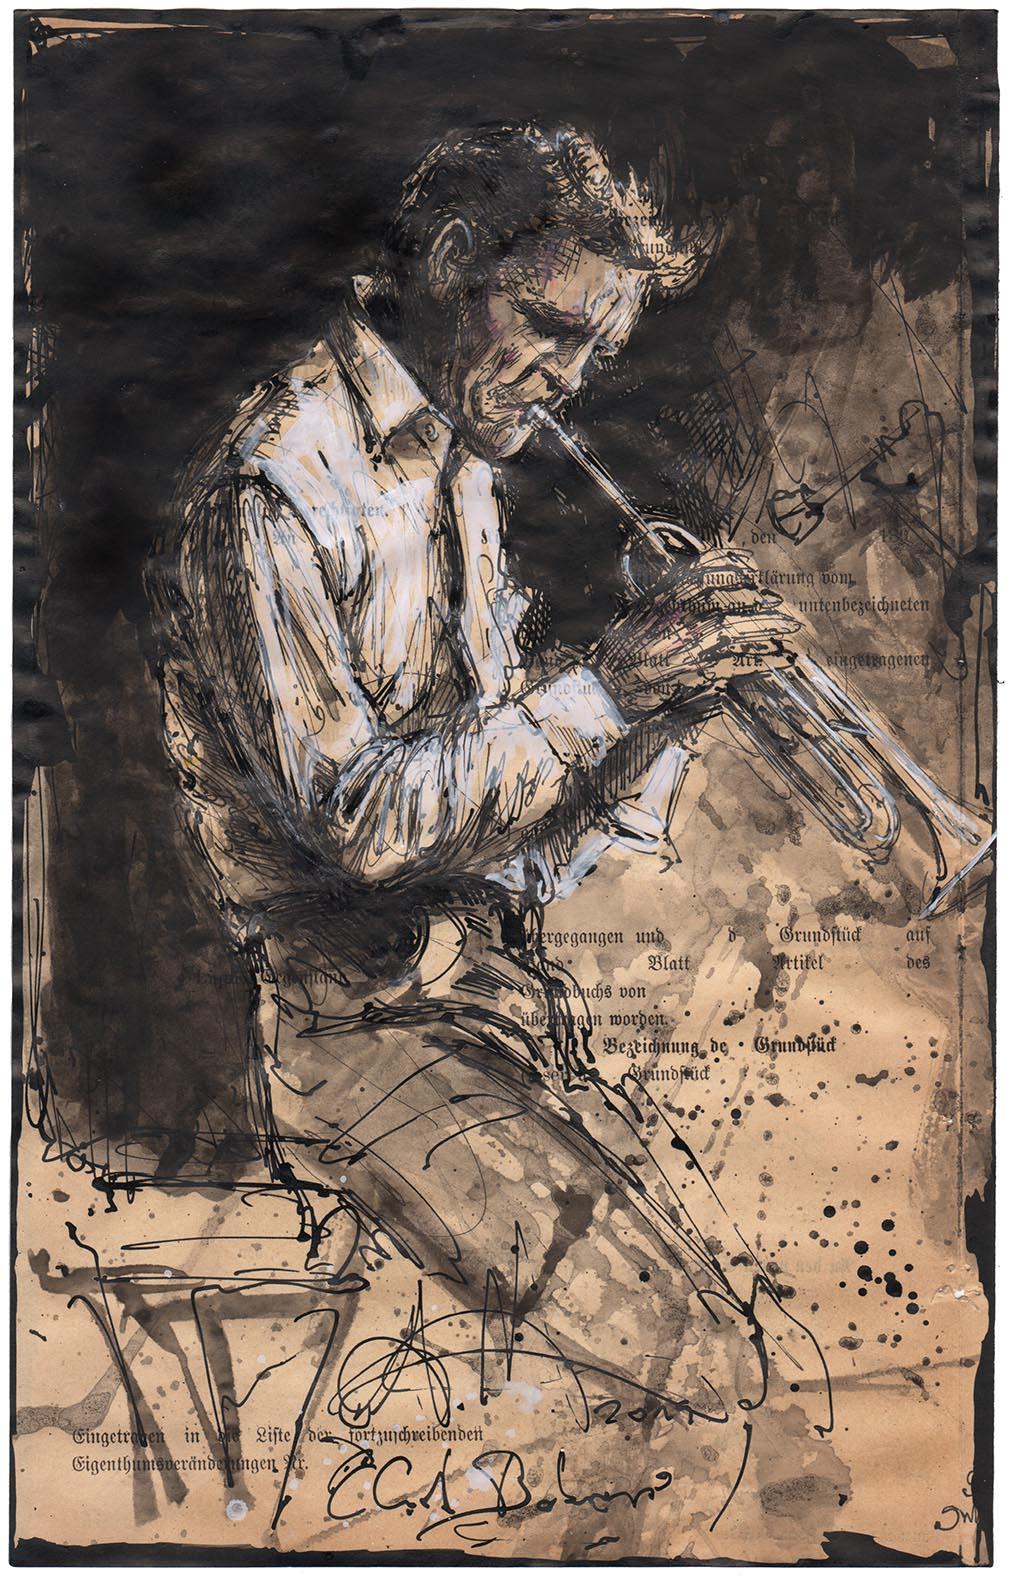 Chet Baker - Solo